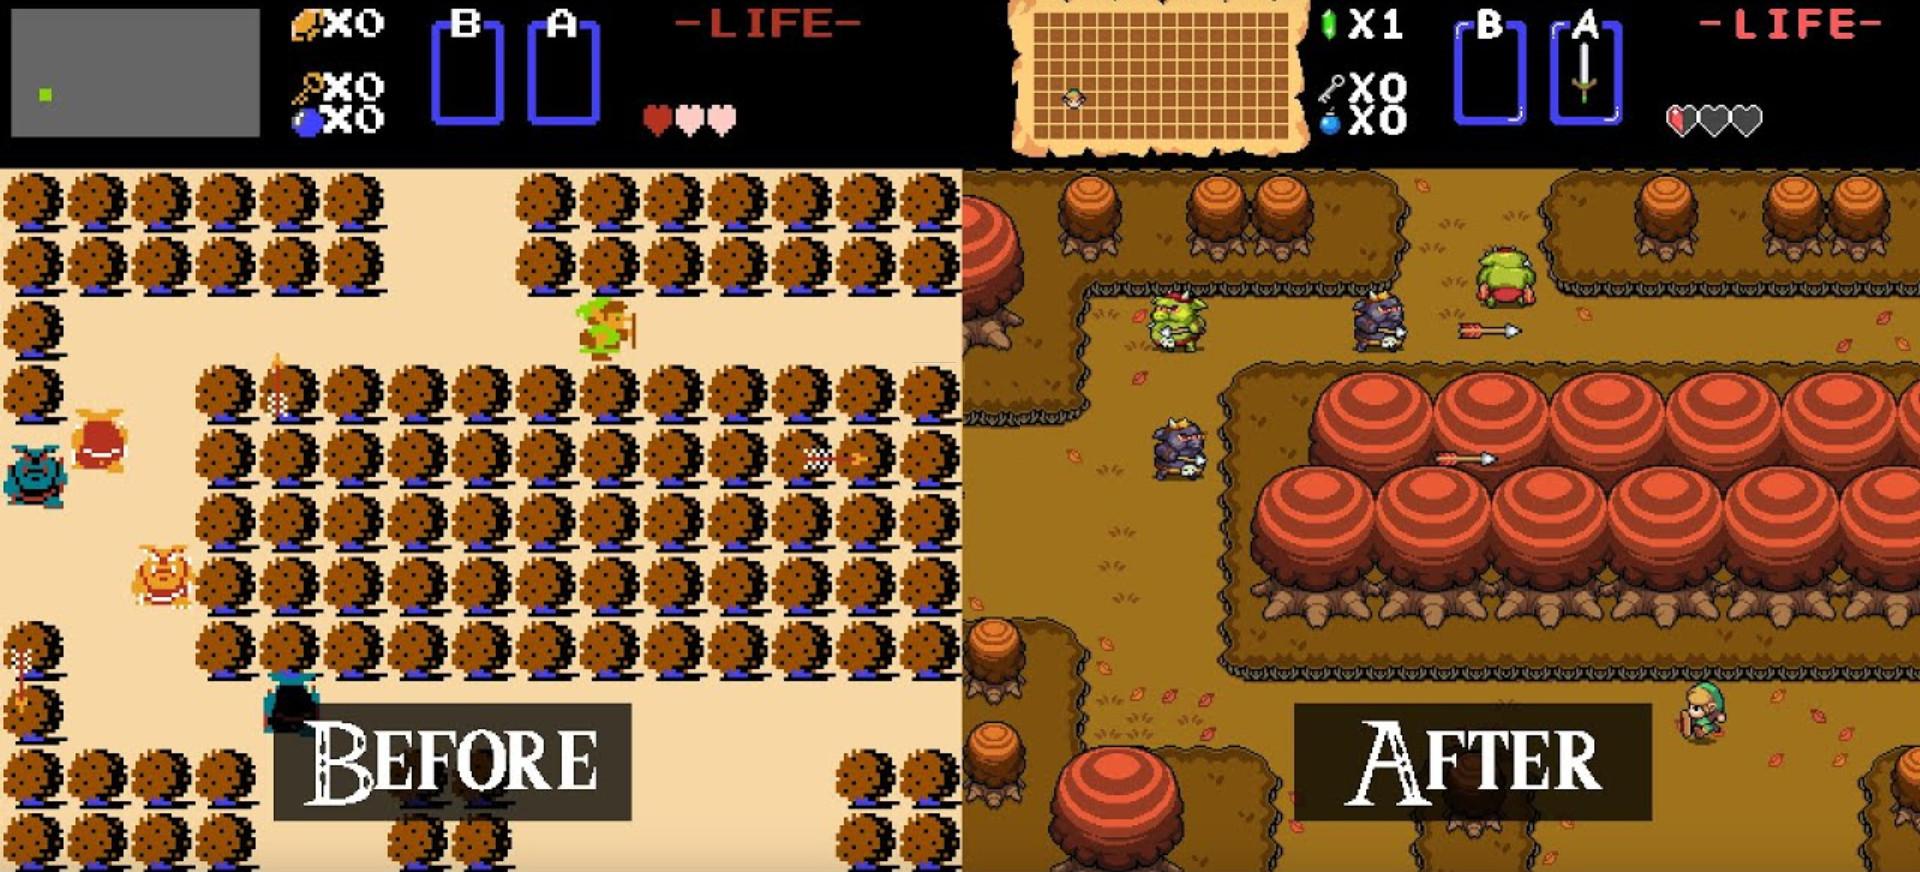 Inoffizielles Remaster des ersten Zelda-Abenteuers